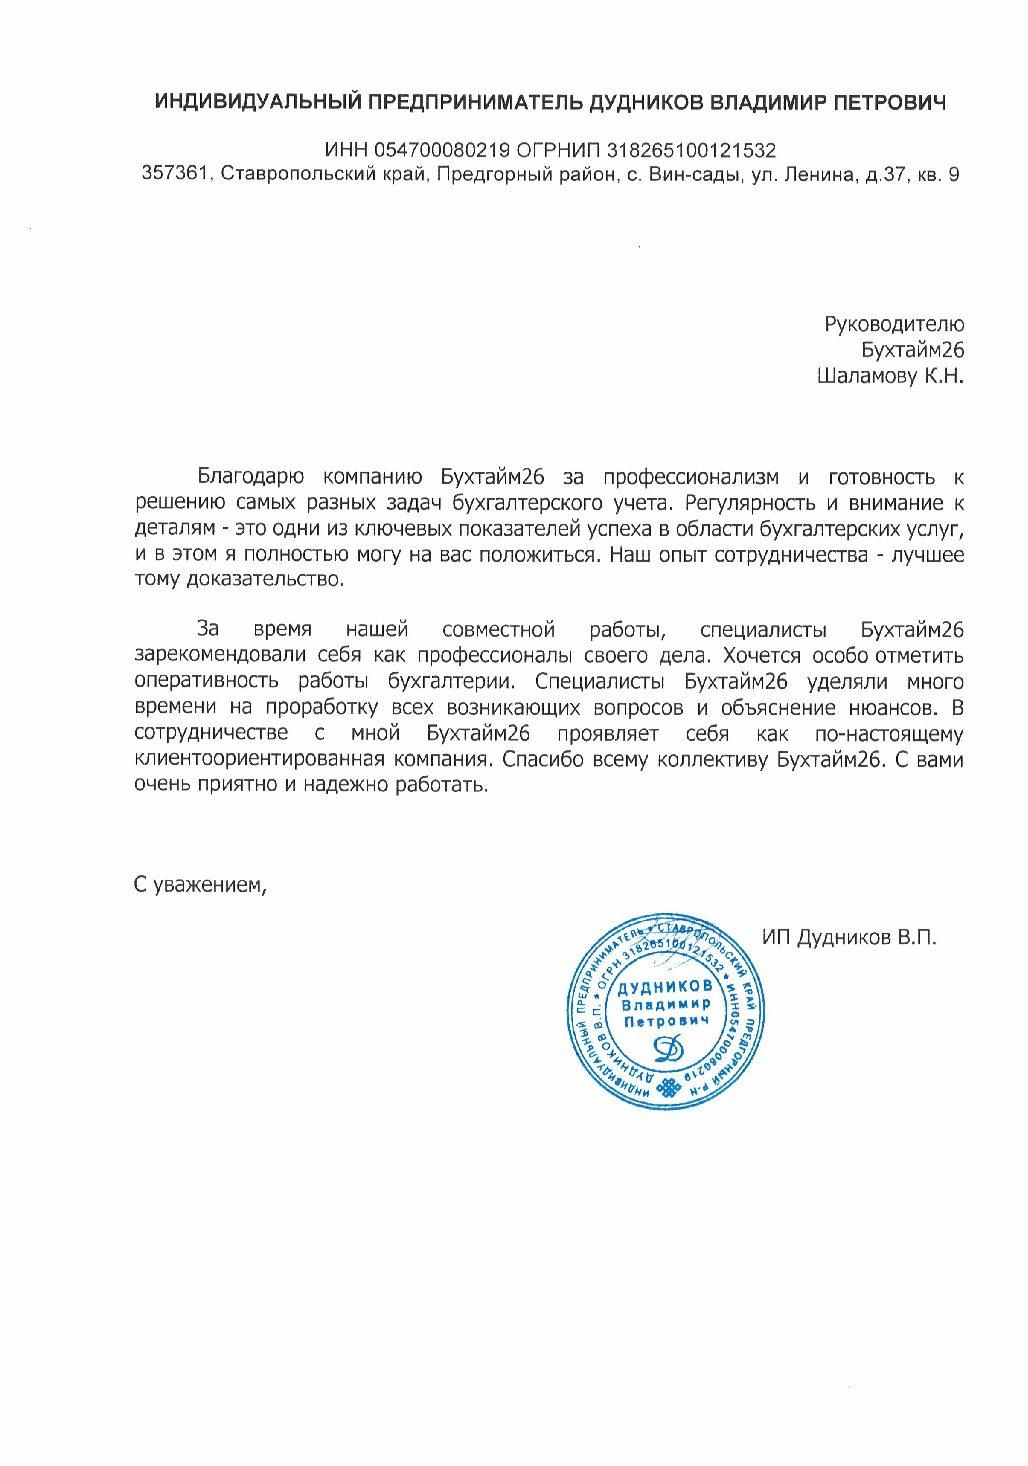 ИП Дудников В.П.